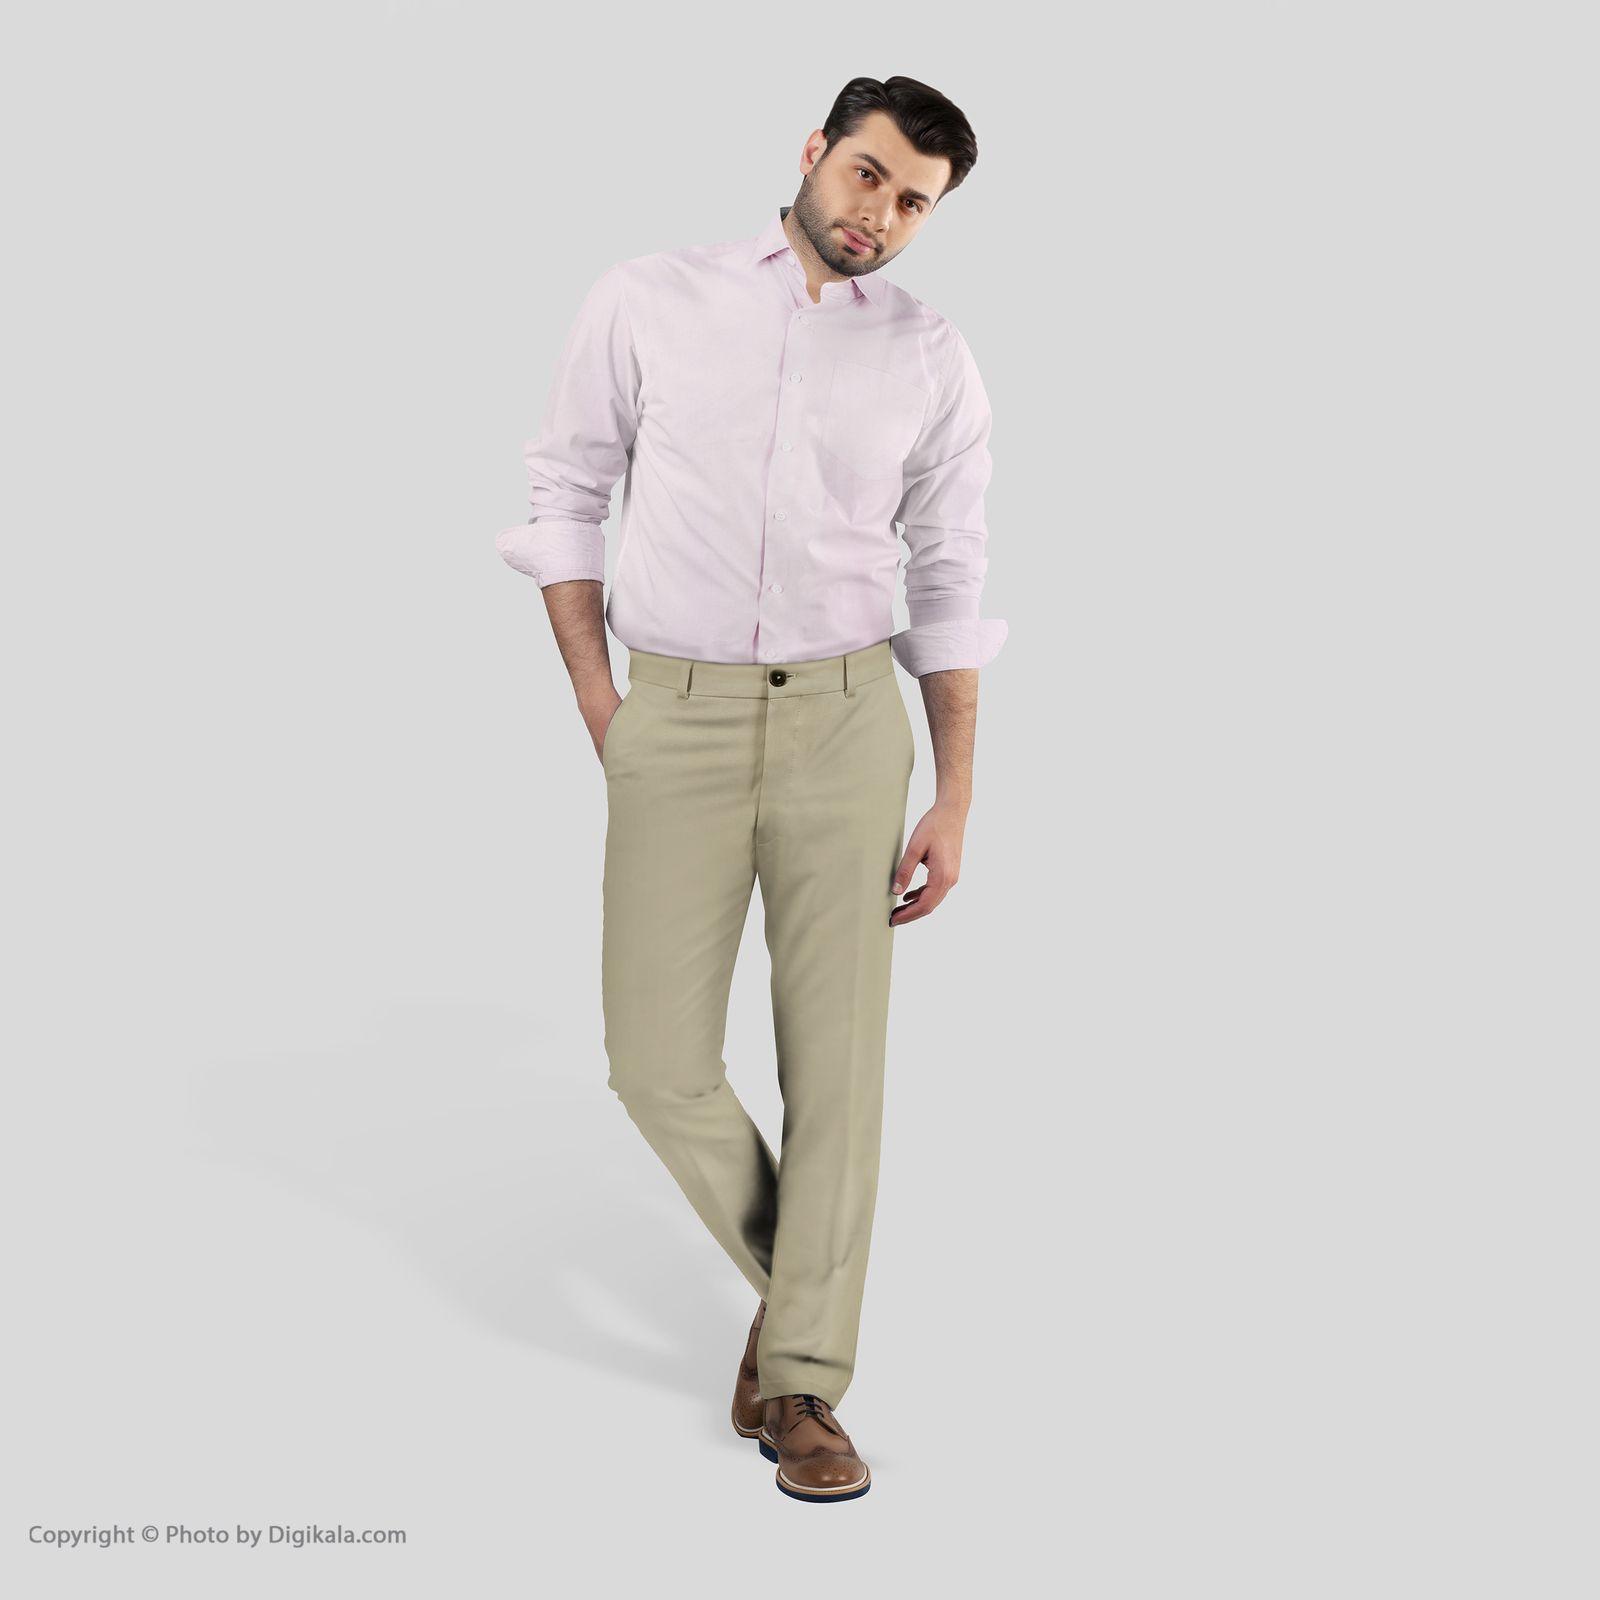 پیراهن مردانه ناوالس کد Tet-pk main 1 6